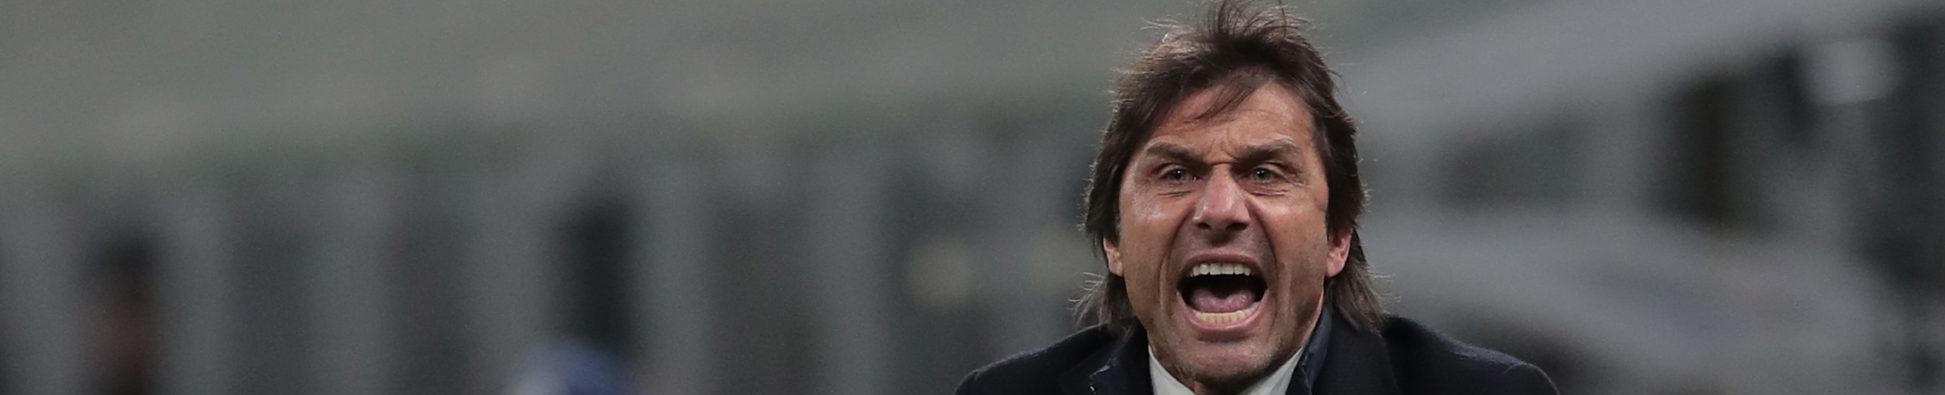 Inter-Ludogorets: Conte non vuole passi falsi, ma si pensa già (anche) alla Juve